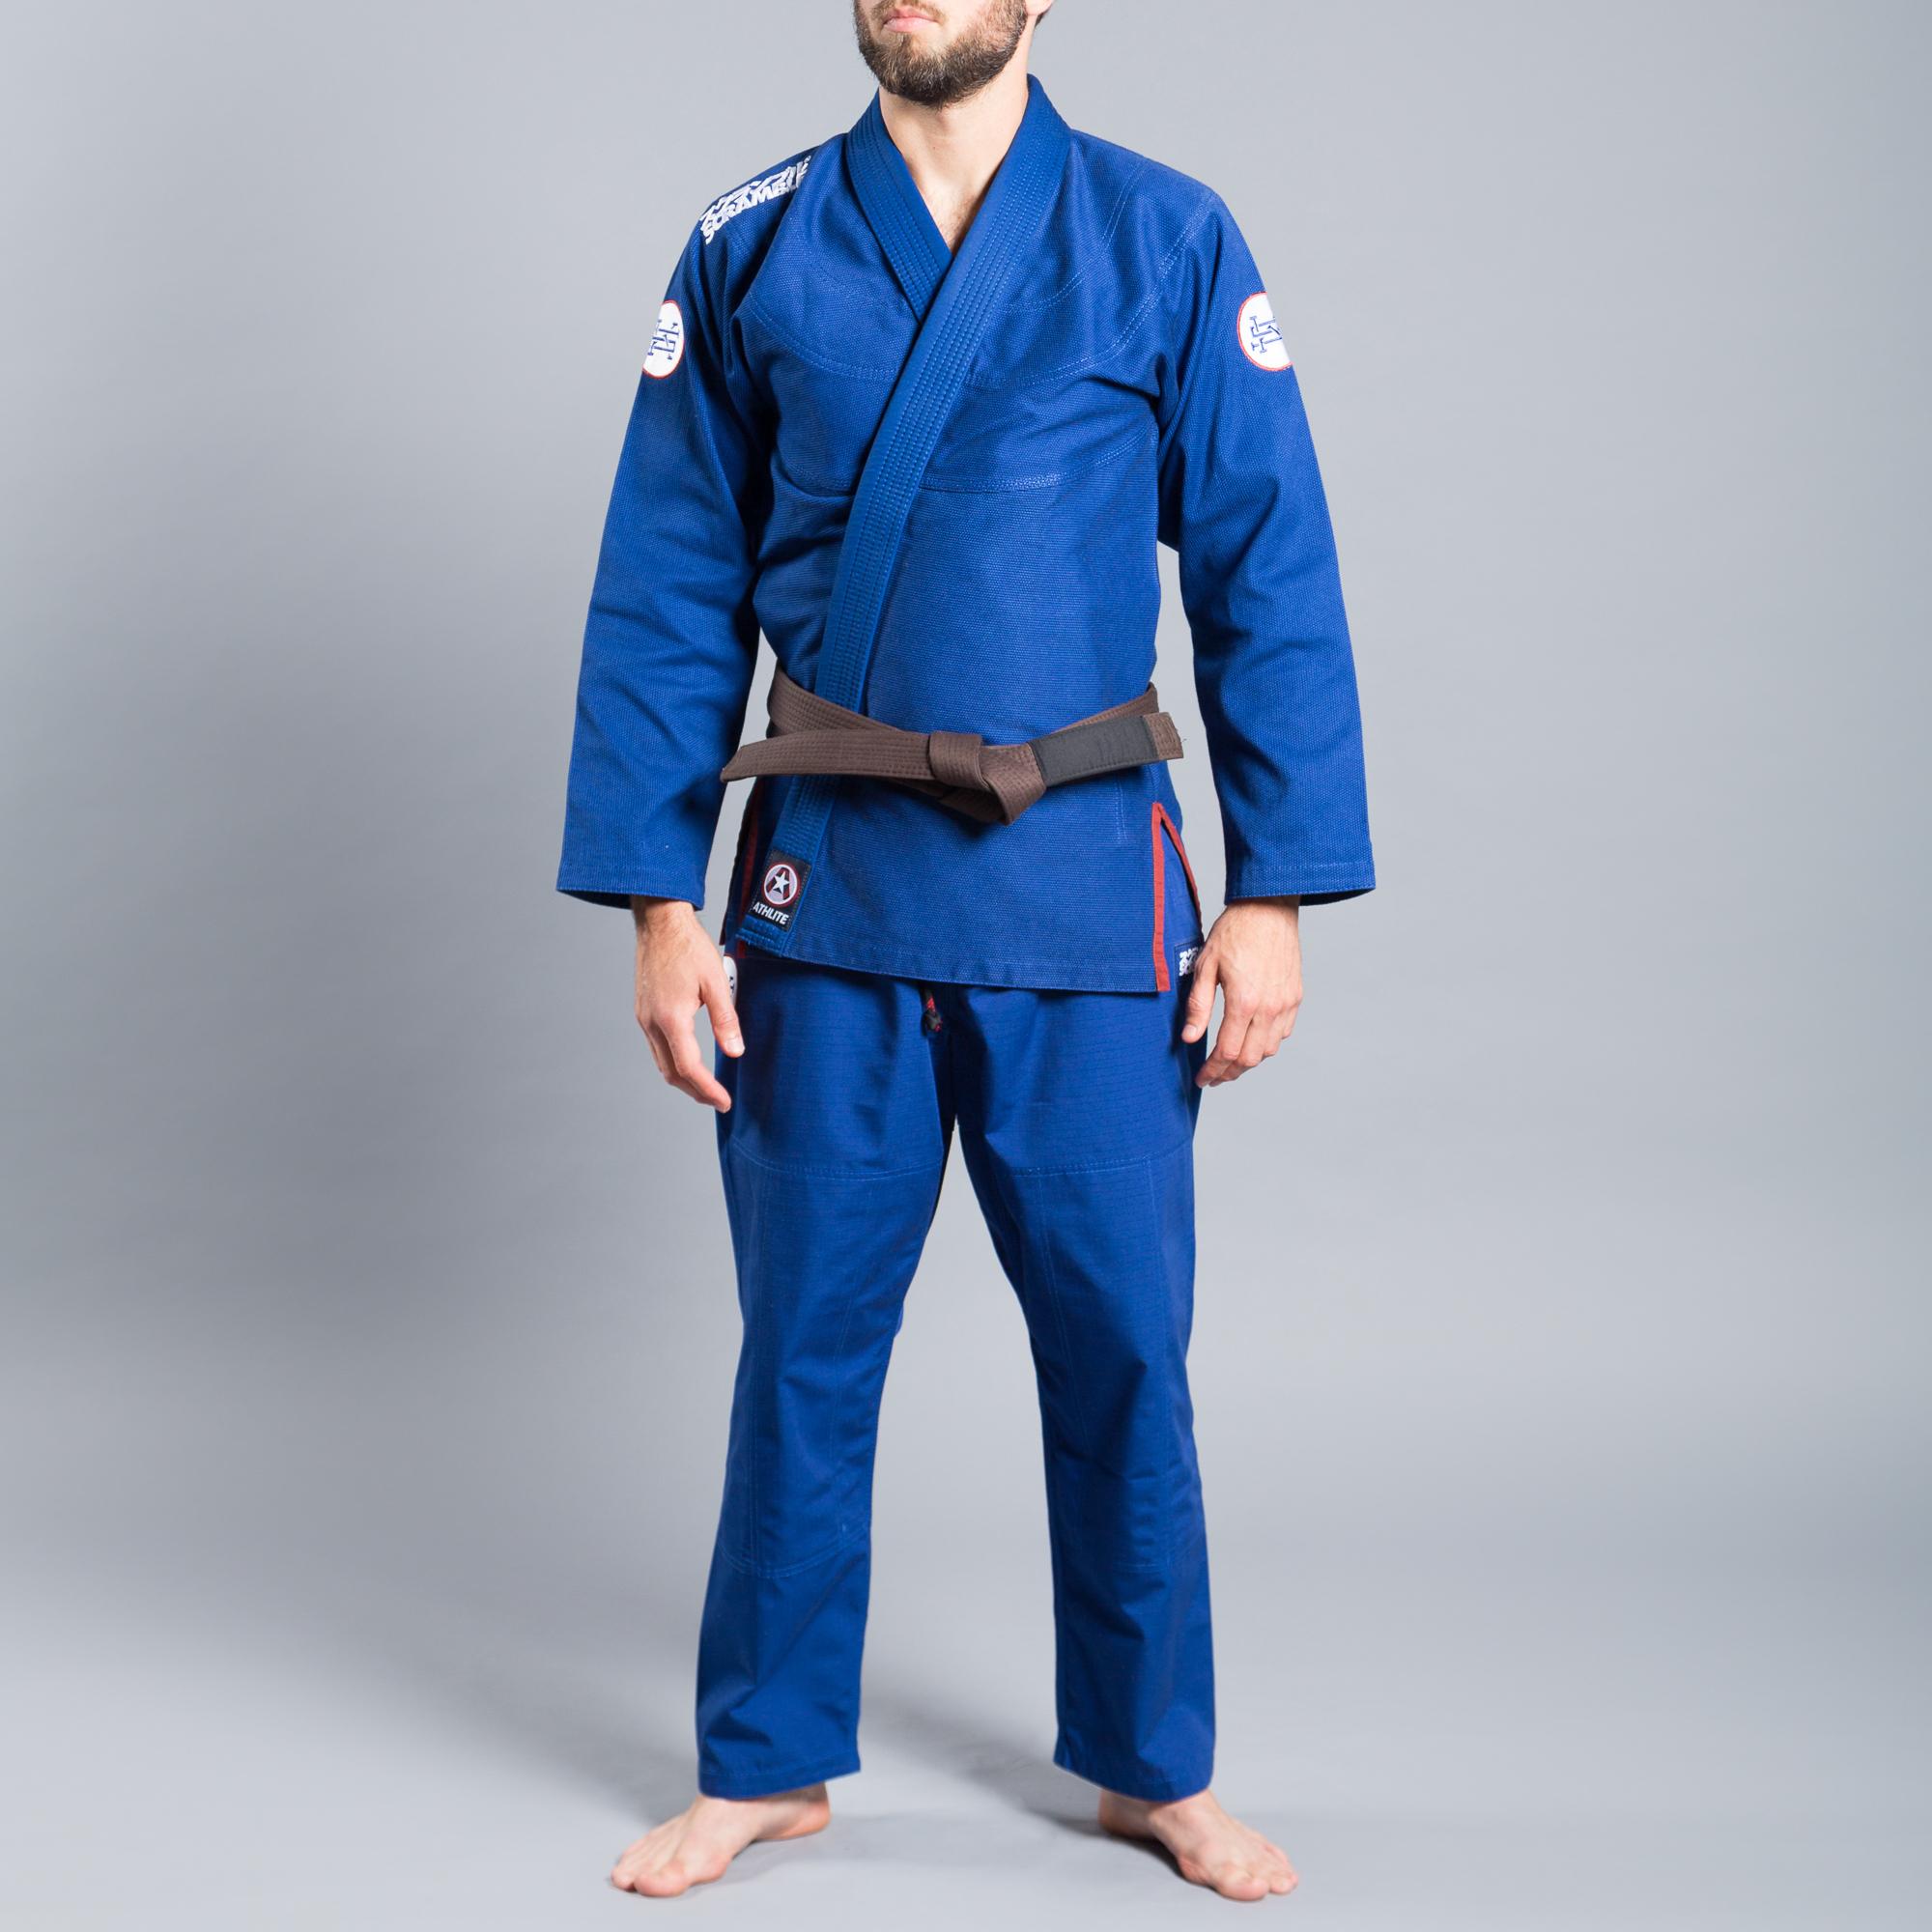 送料無料 ウルトラライトモデル SCRAMBLE ATHLITE KIMONO ブルー|ブラジリアン柔術衣